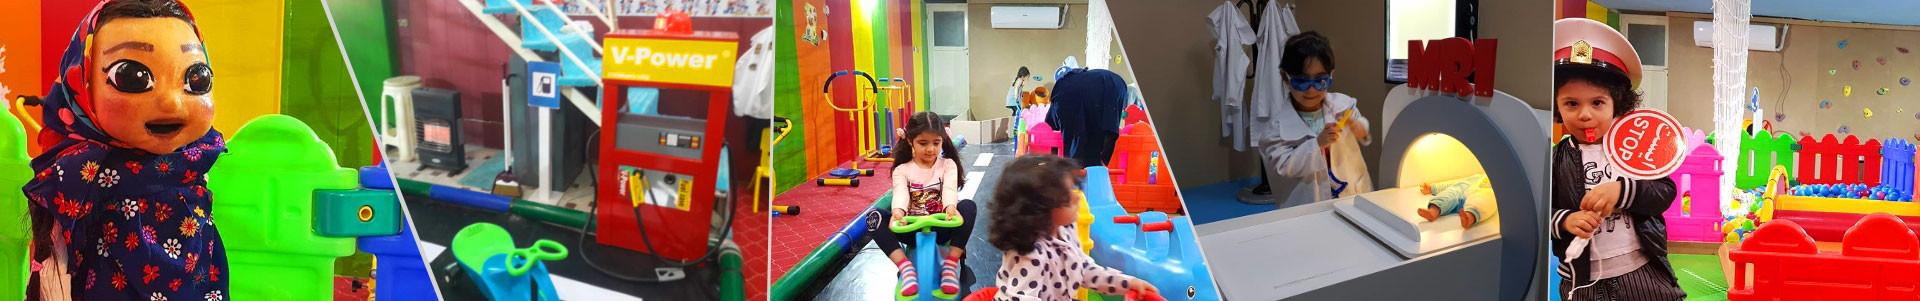 بهترین خرید بلیط پارک مشاغل کودکان قم با بیشترین درصد تخفیف در قیمت - 40%